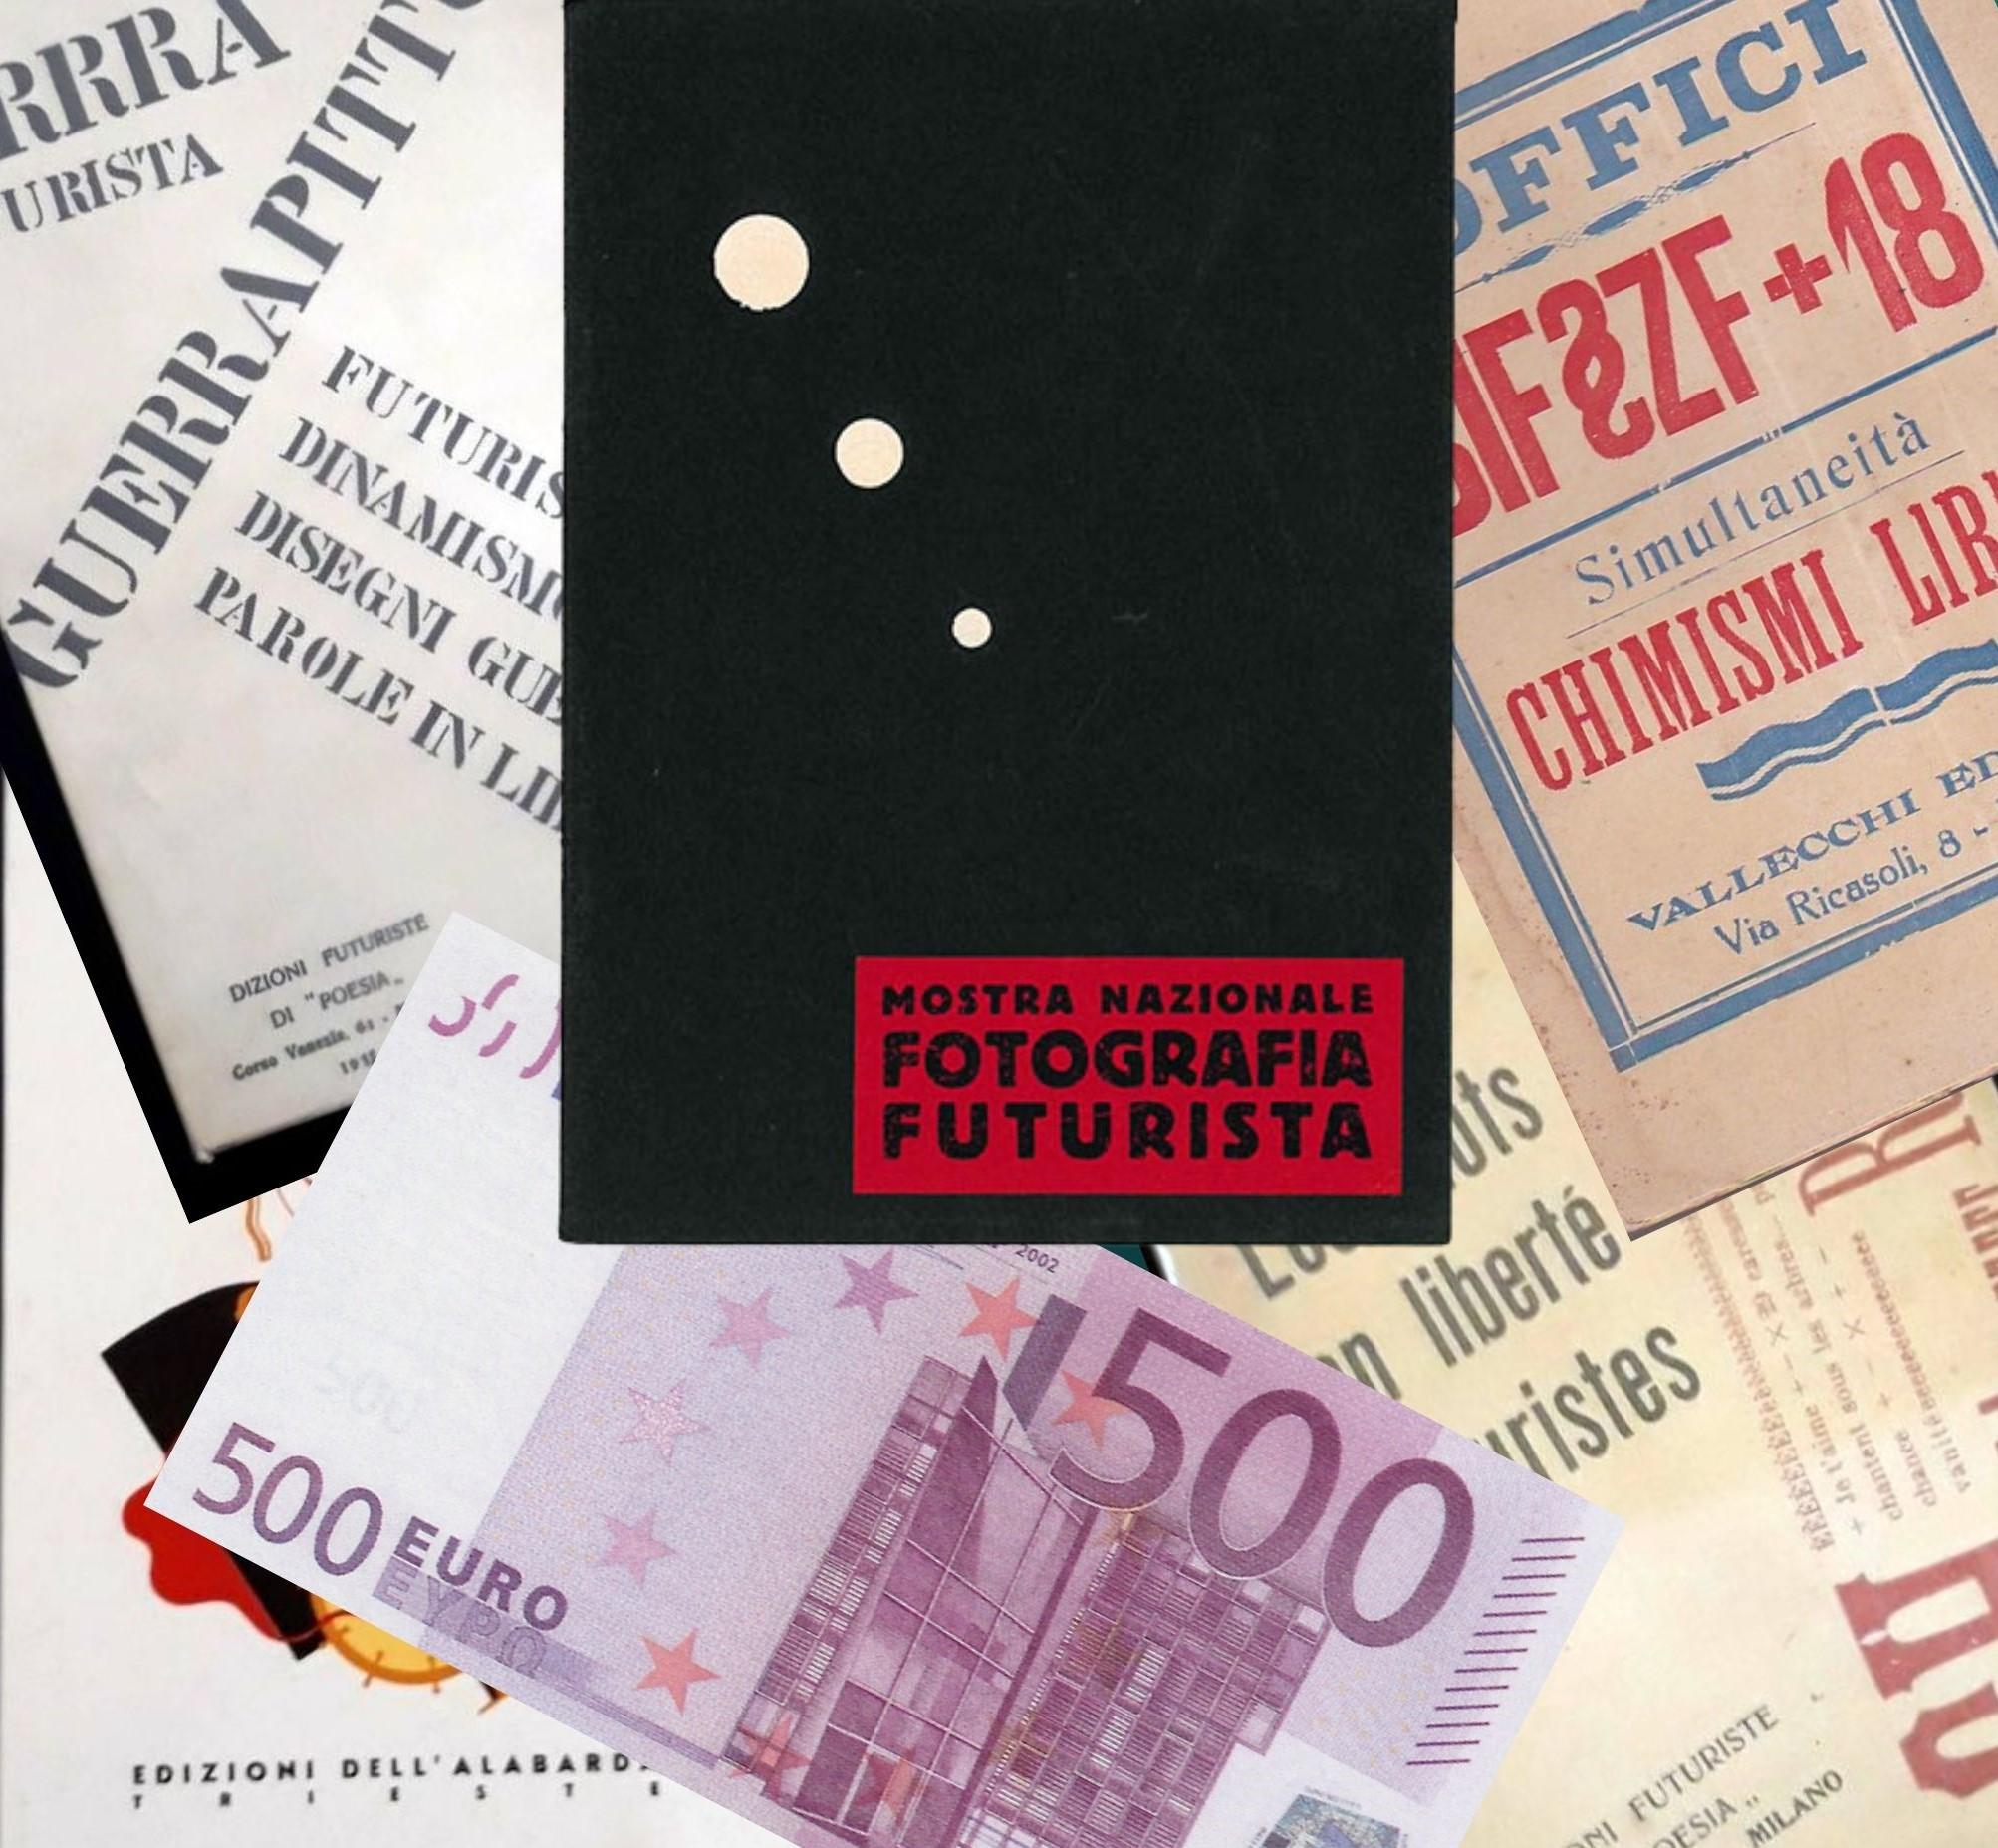 Il Futurismo è troppo costoso per voi? E allora cominciate con qualche bel reprint!